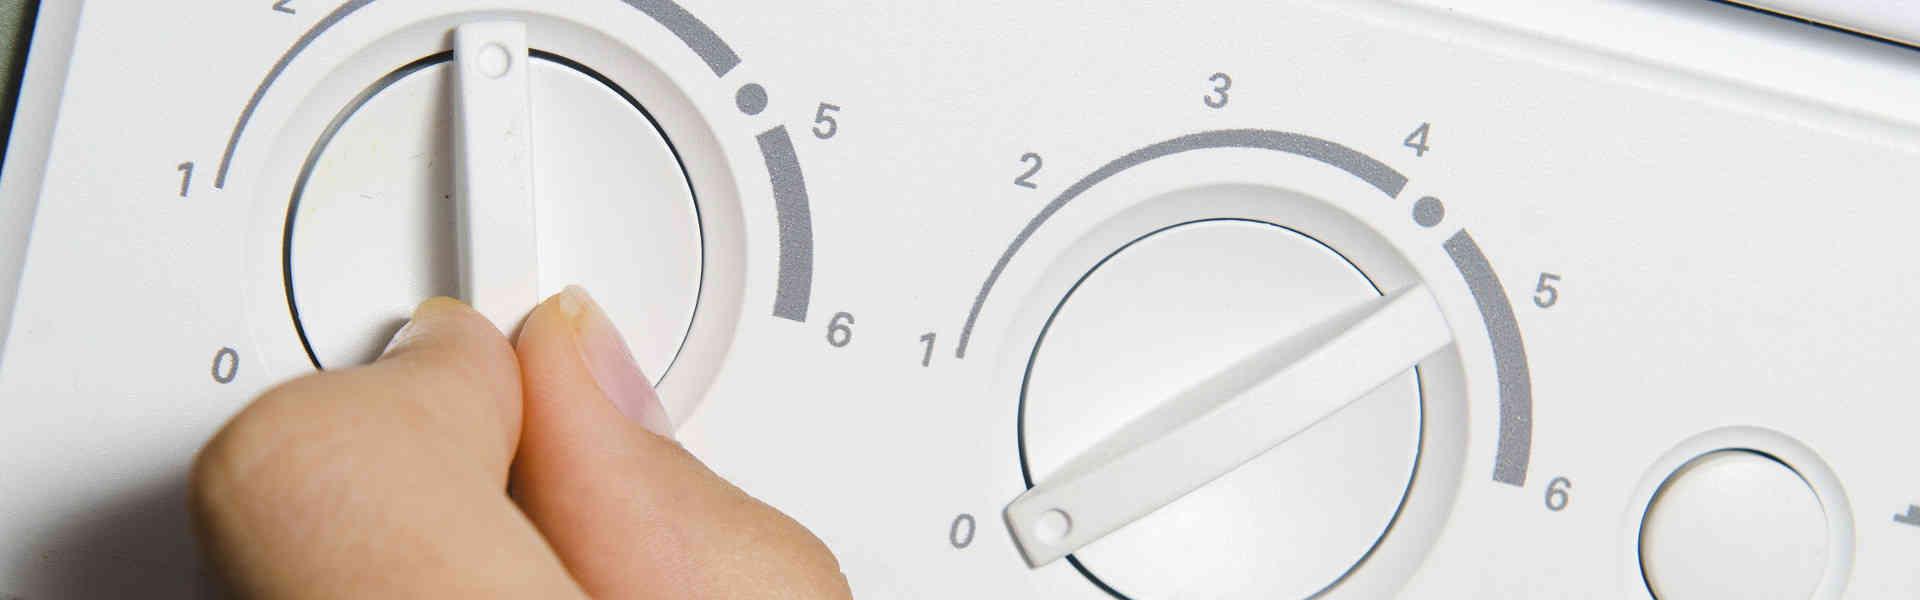 mano umana con accensione caldaia a gas per il riscaldamento dell'acqua